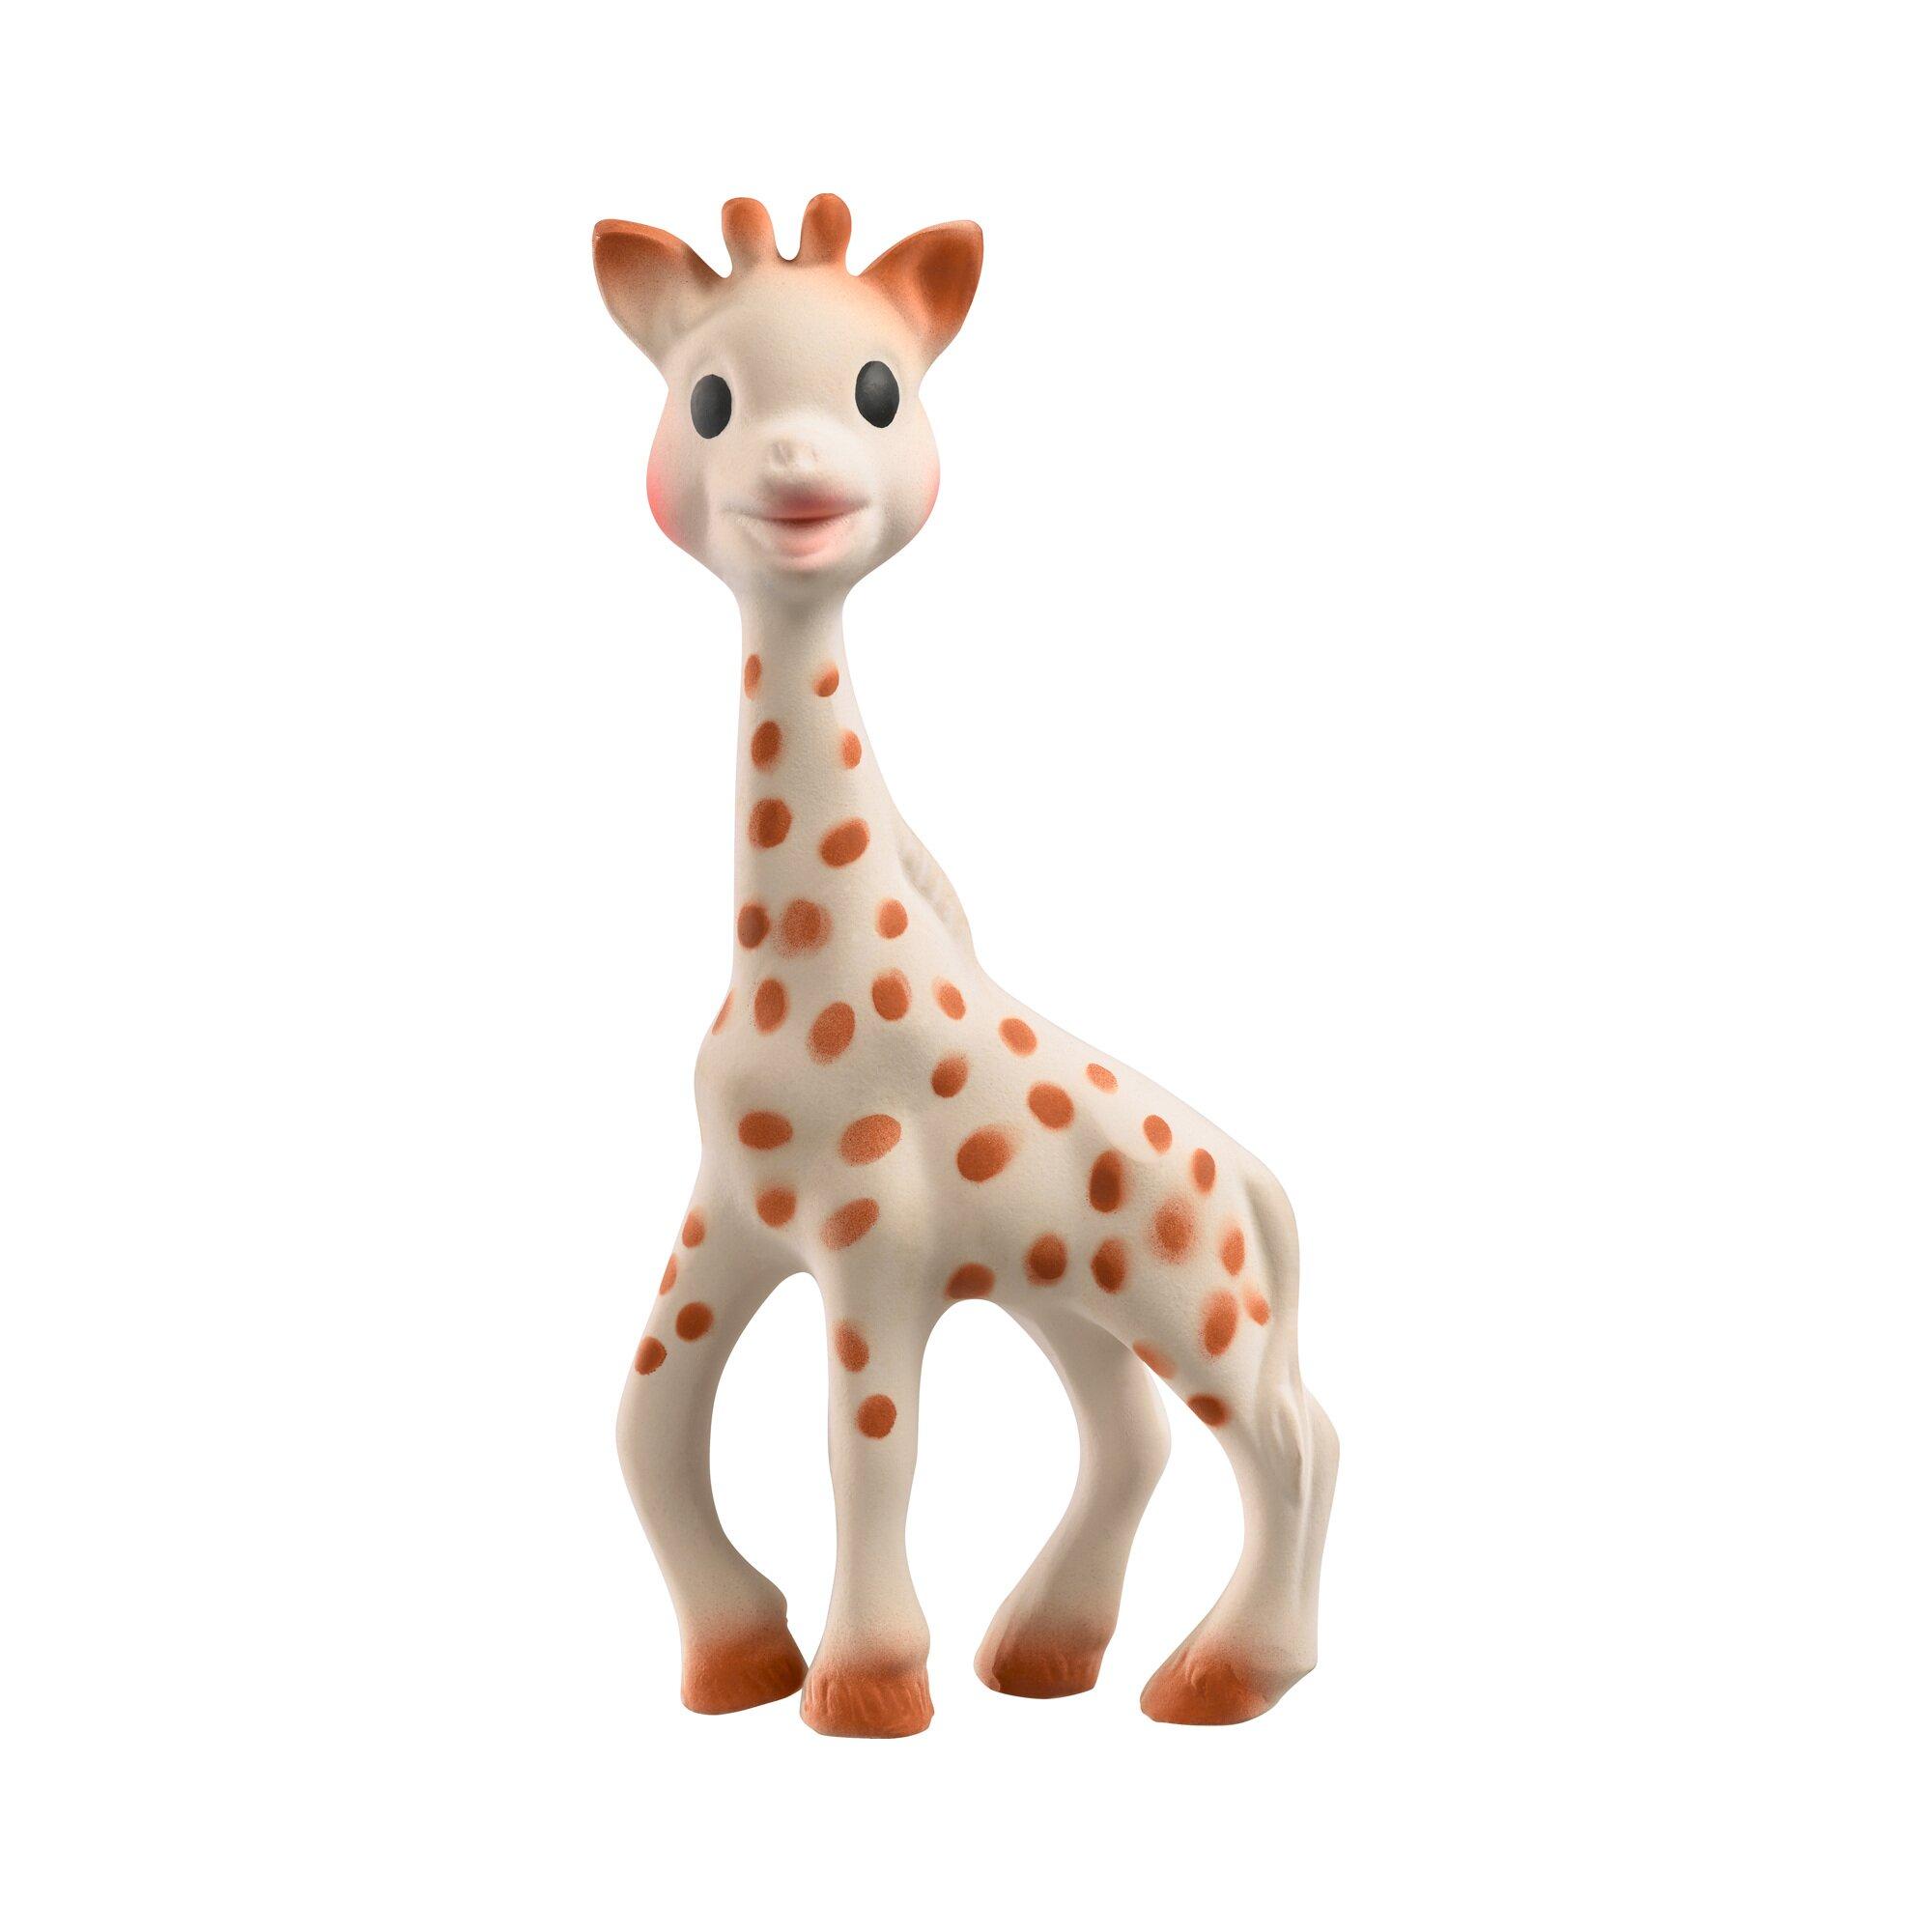 sophie-la-girafe-geschenk-set-sophie-schnuller-zahnungshilfe-so-pure